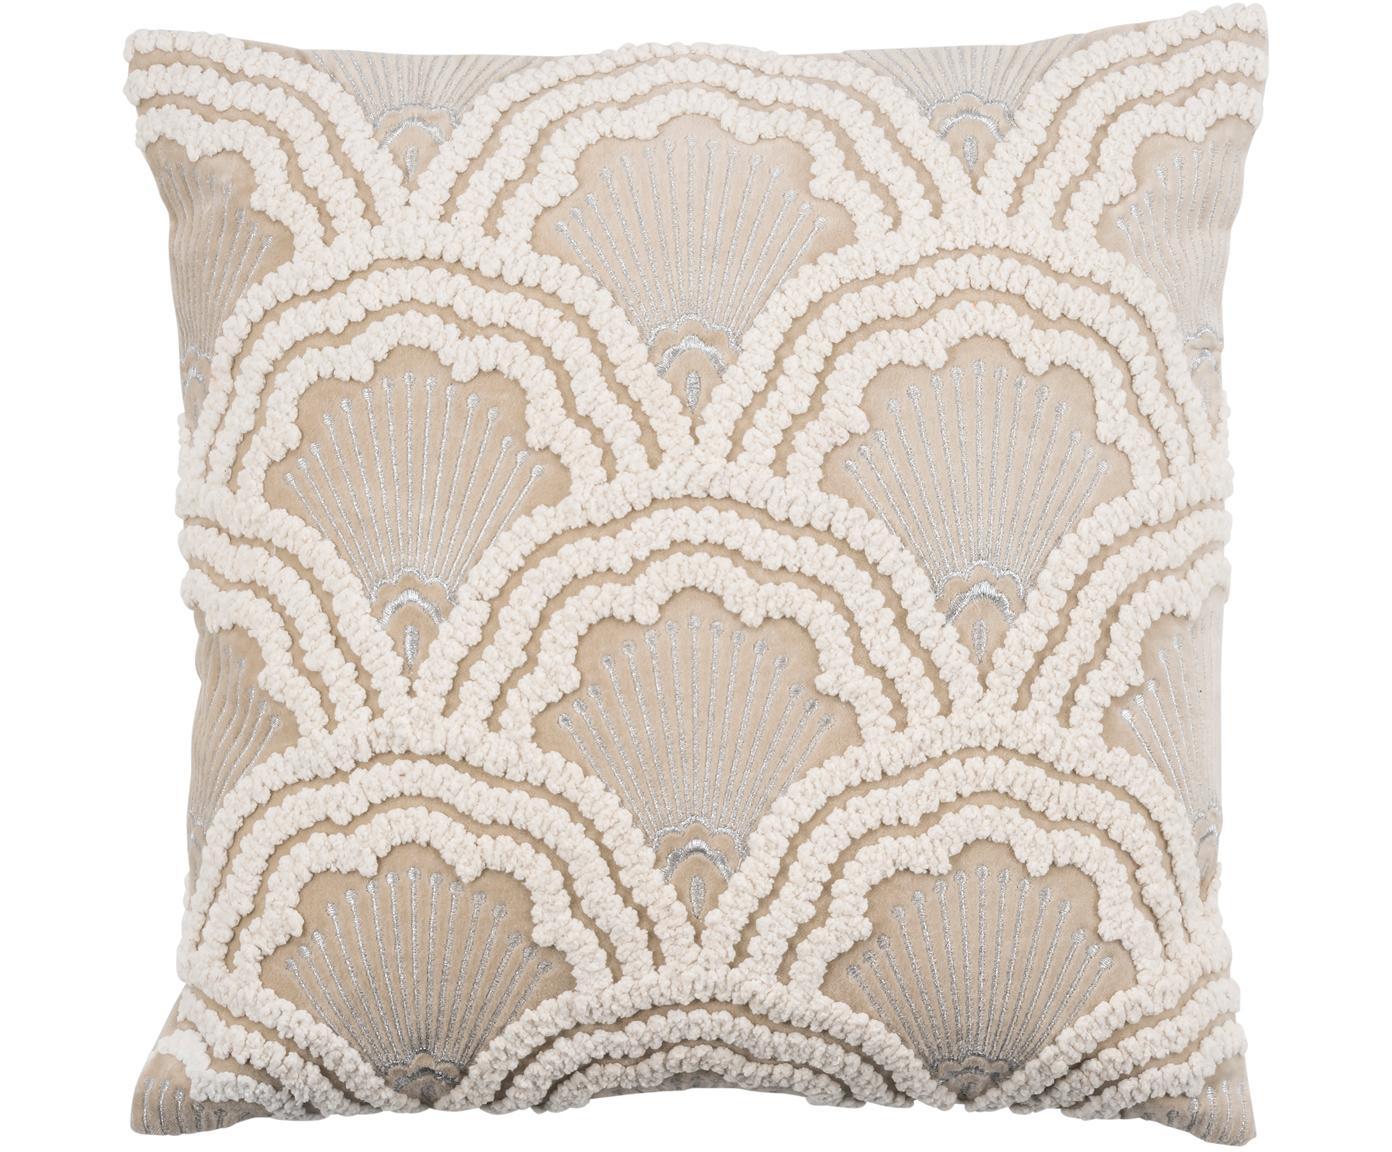 Bestickte Samt-Kissenhülle Chelsey mit Hoch-Tief Muster, 100% Baumwollsamt, Hellbeige, 45 x 45 cm